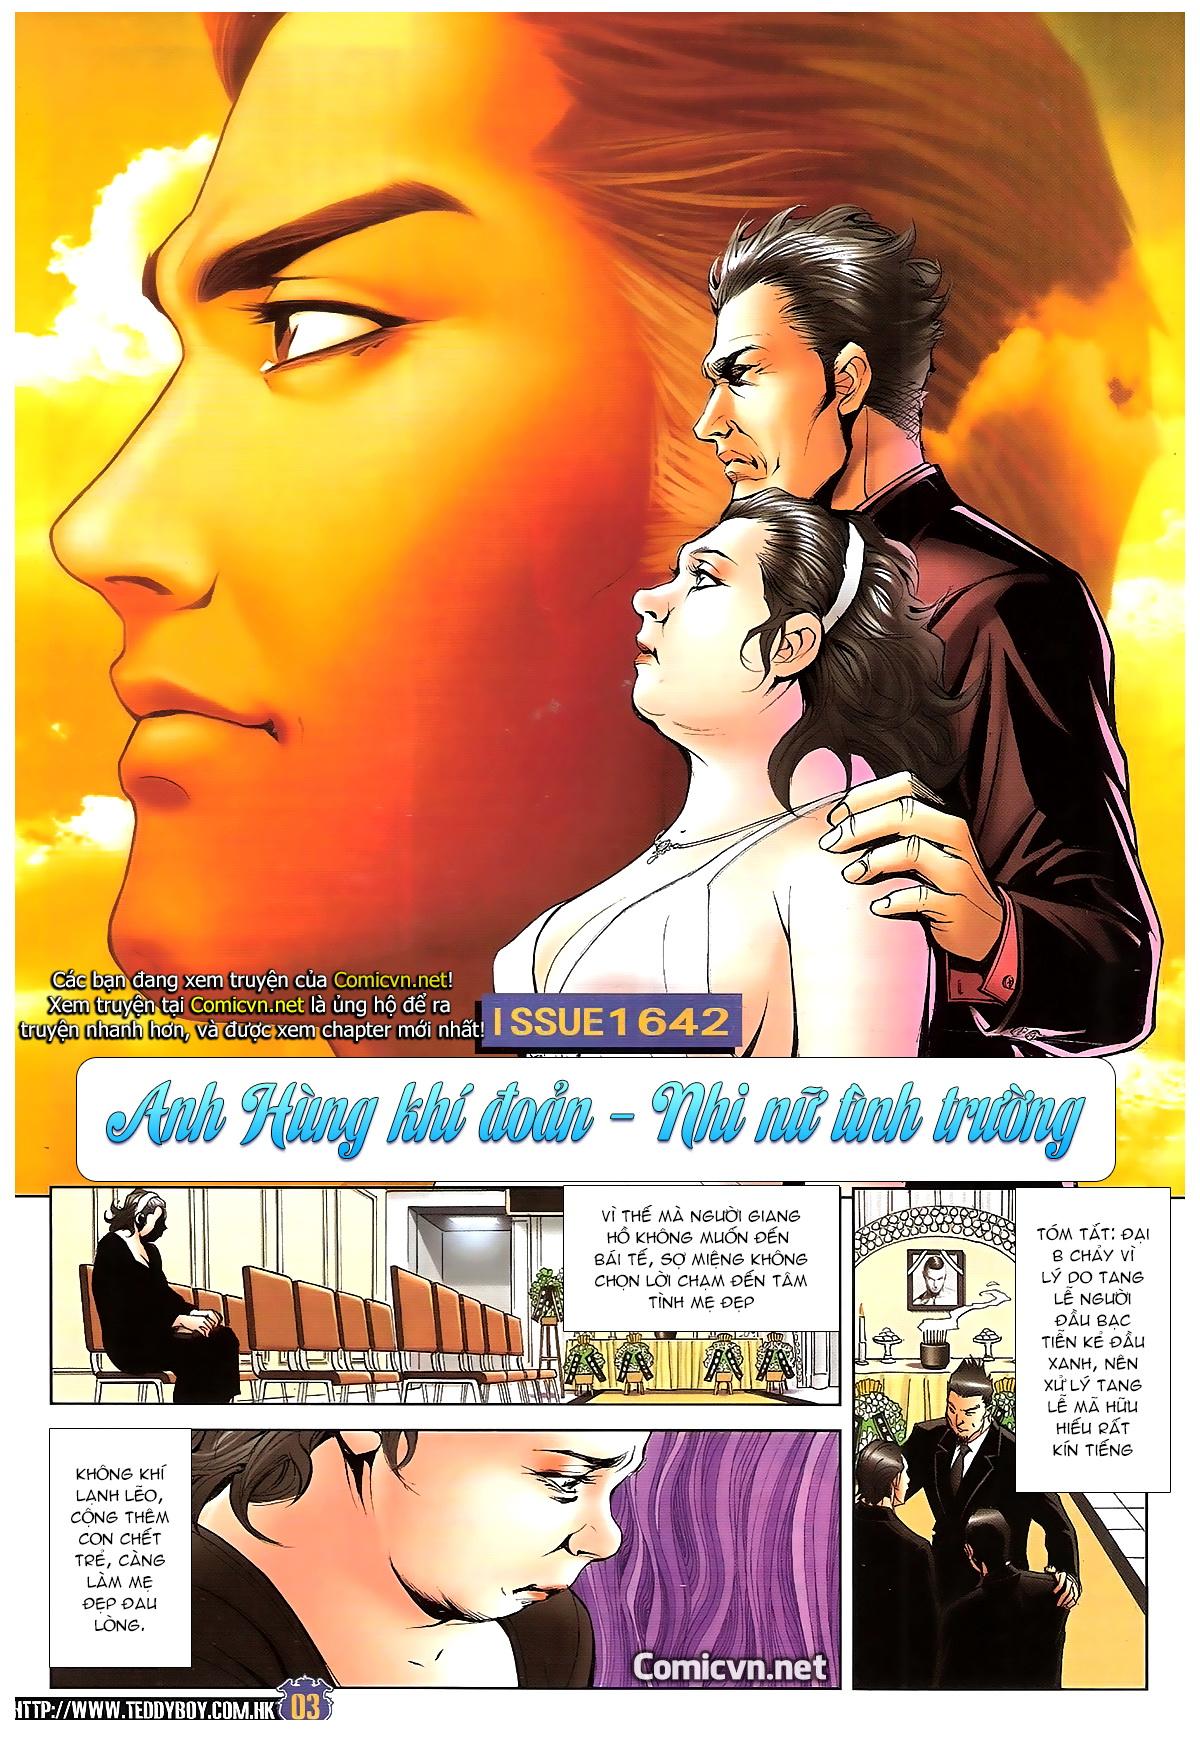 Người Trong Giang Hồ chapter 1642: anh hùng khí đoản trang 2